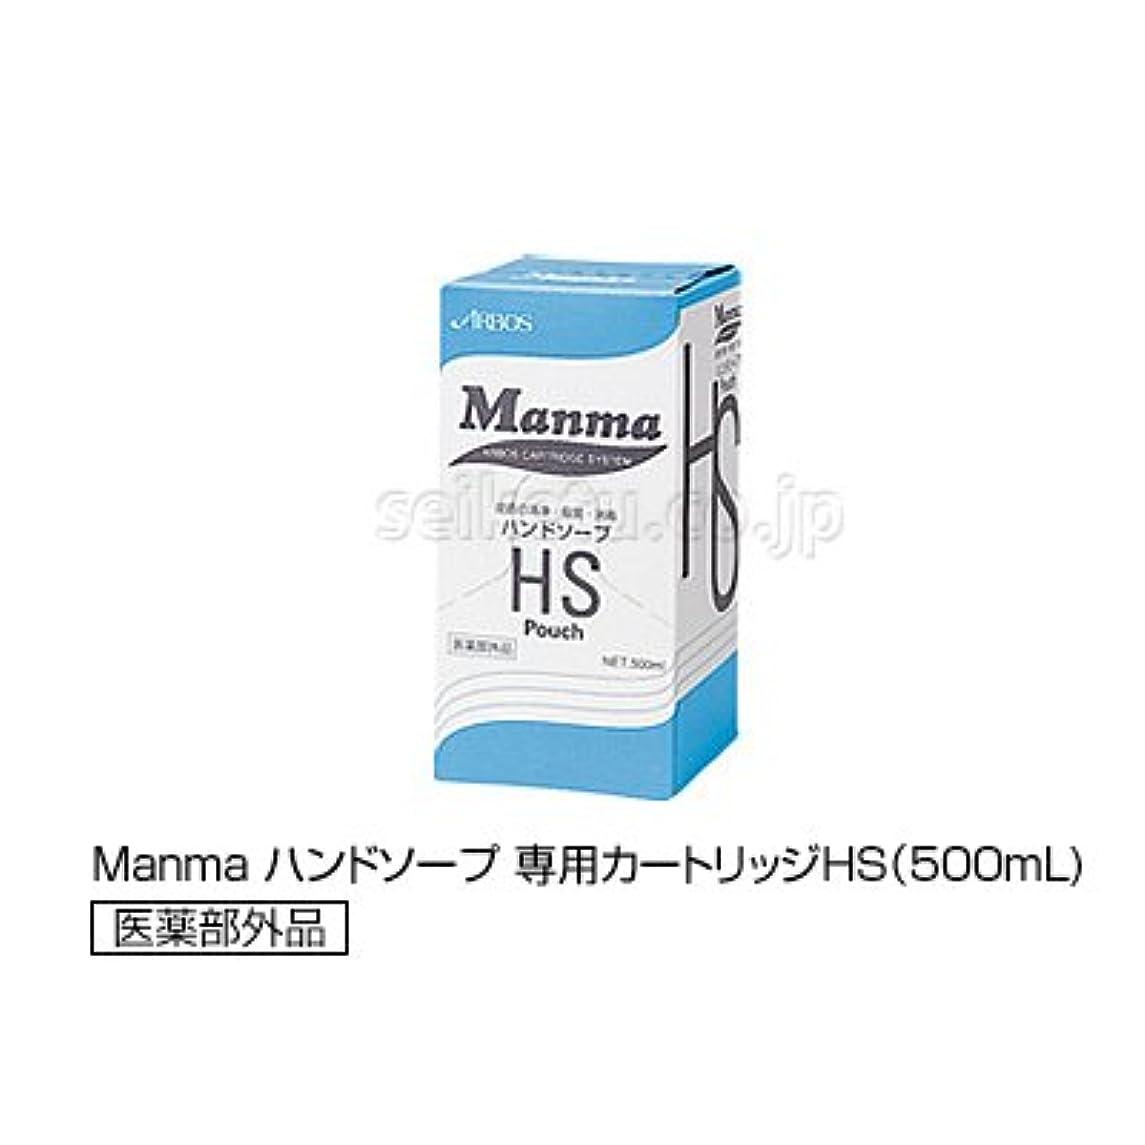 ディスパッチ抜本的な慢なManma ハンドソープ 専用カートリッジ/専用カートリッジHS(500mL)【清潔キレイ館】